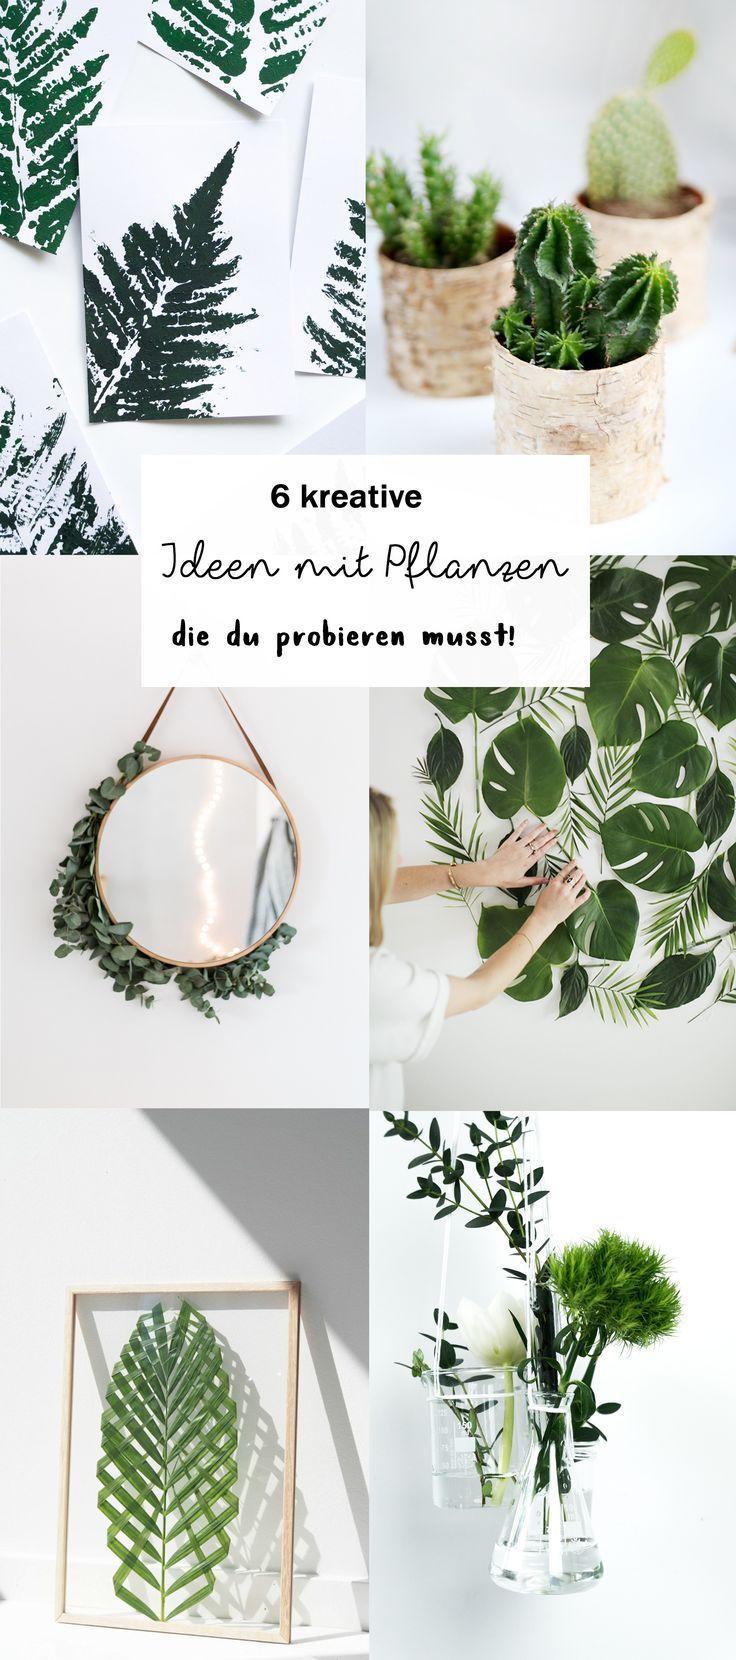 Kreative Ideen mit Pflanzen